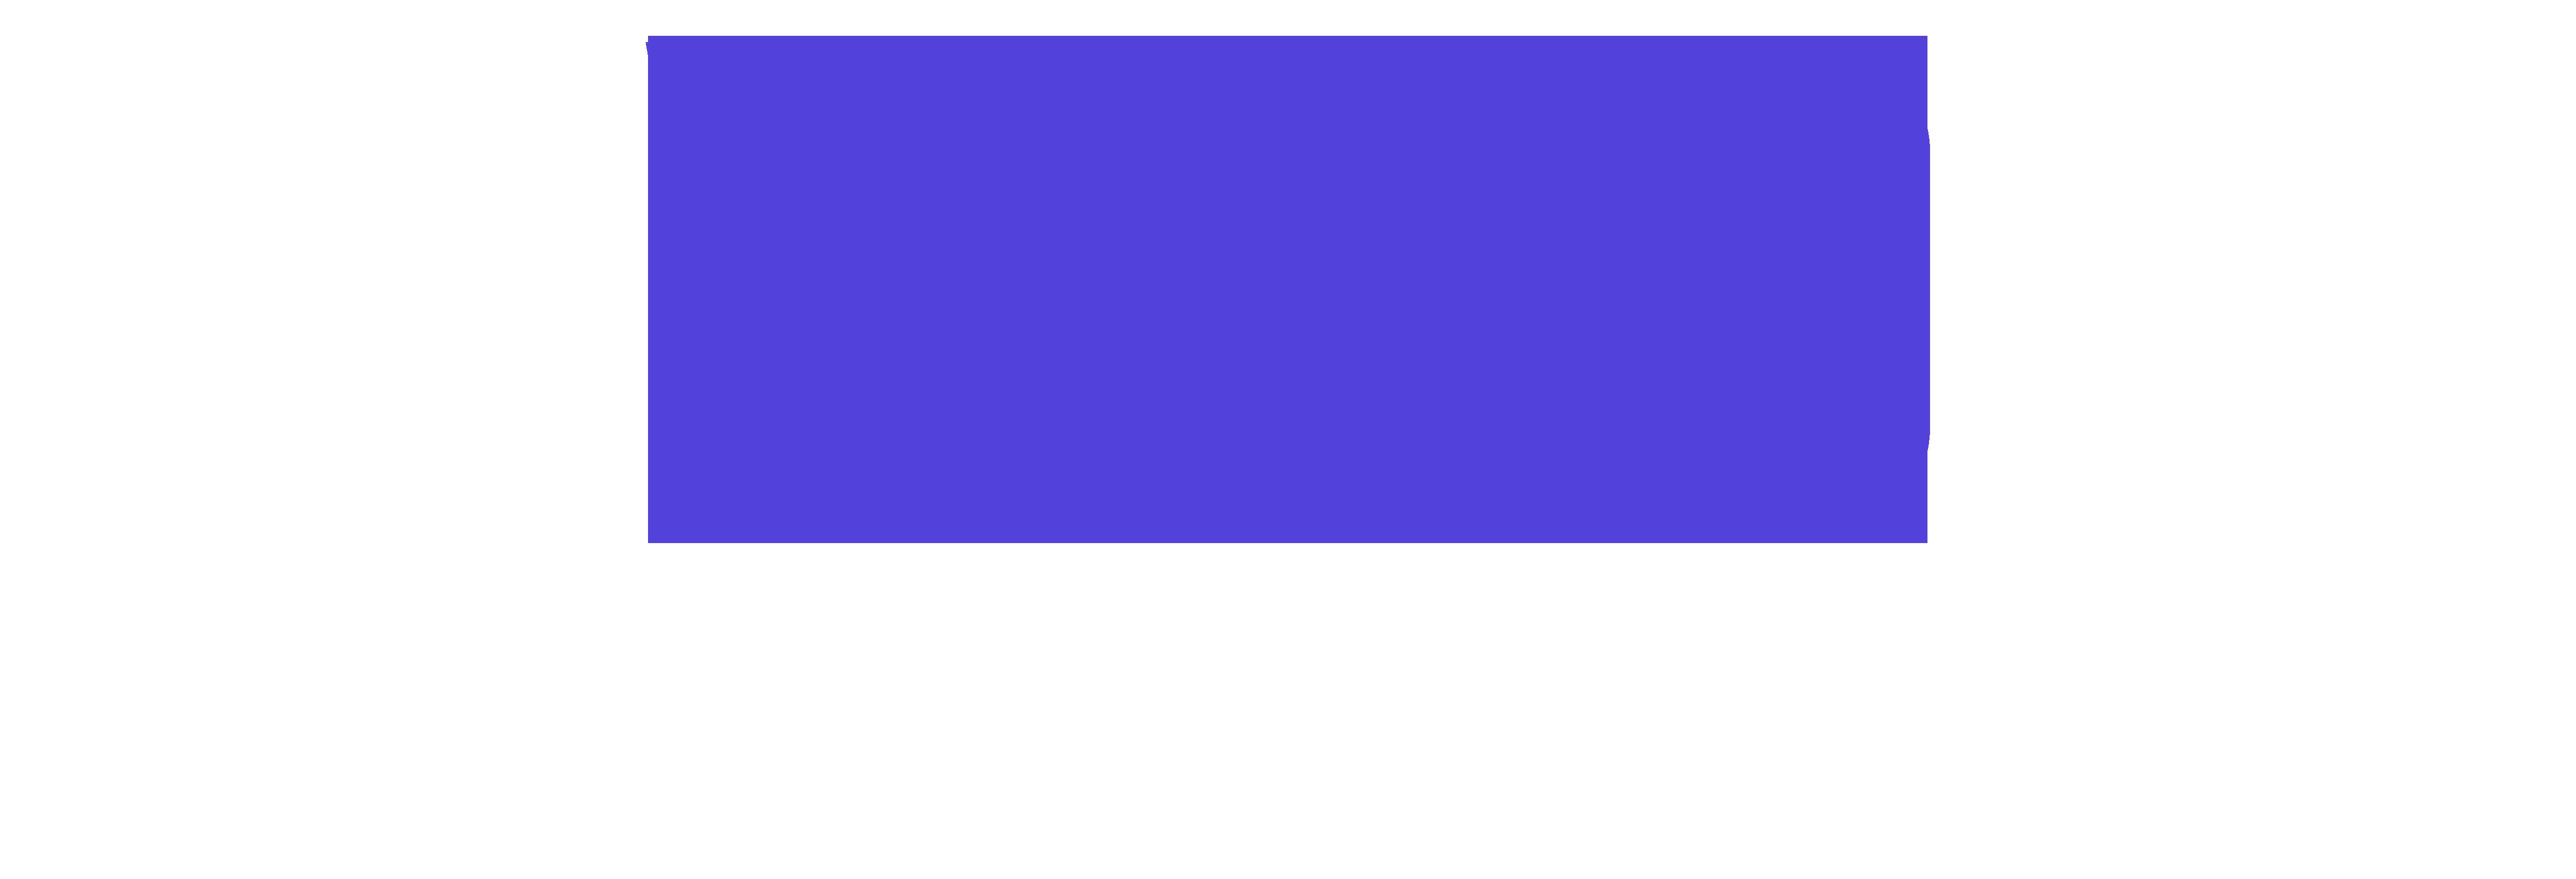 Woa_space_video copia